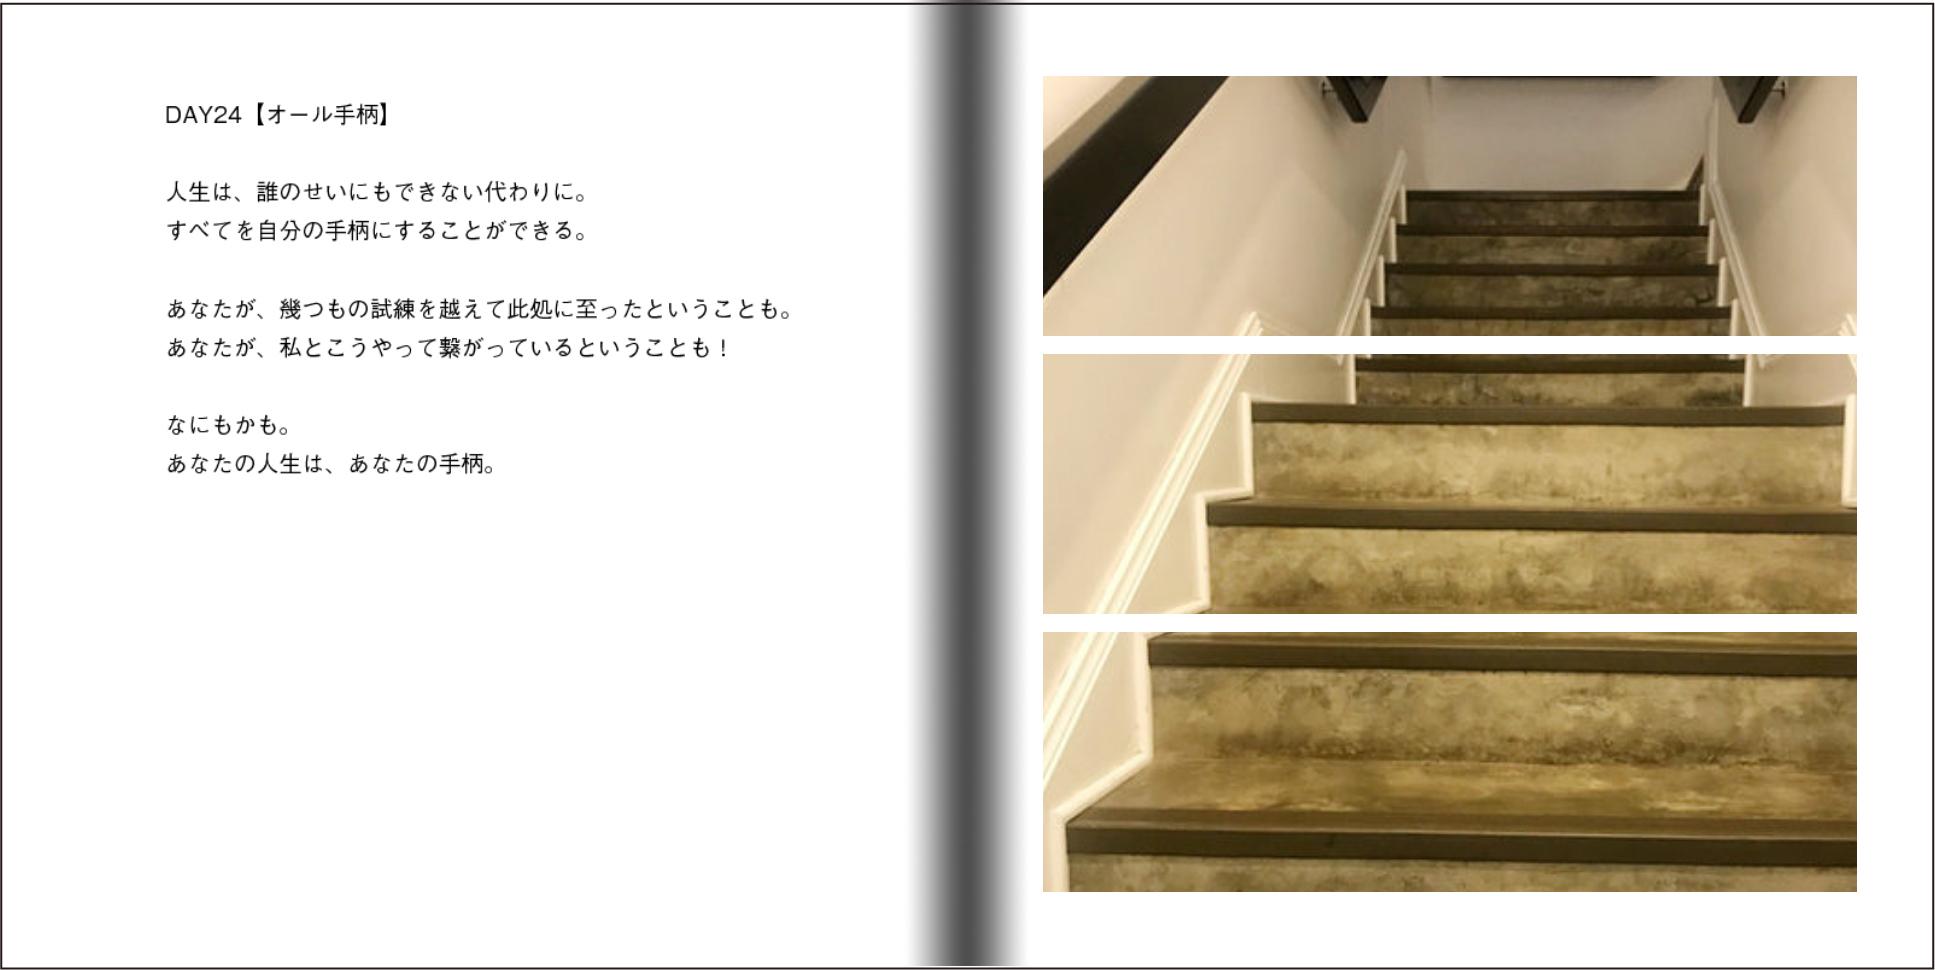 【オーダー承り〼】写真とことばの本『あなたの物語をはじめる』Maki SAEGUSA_d0018646_20374028.jpg